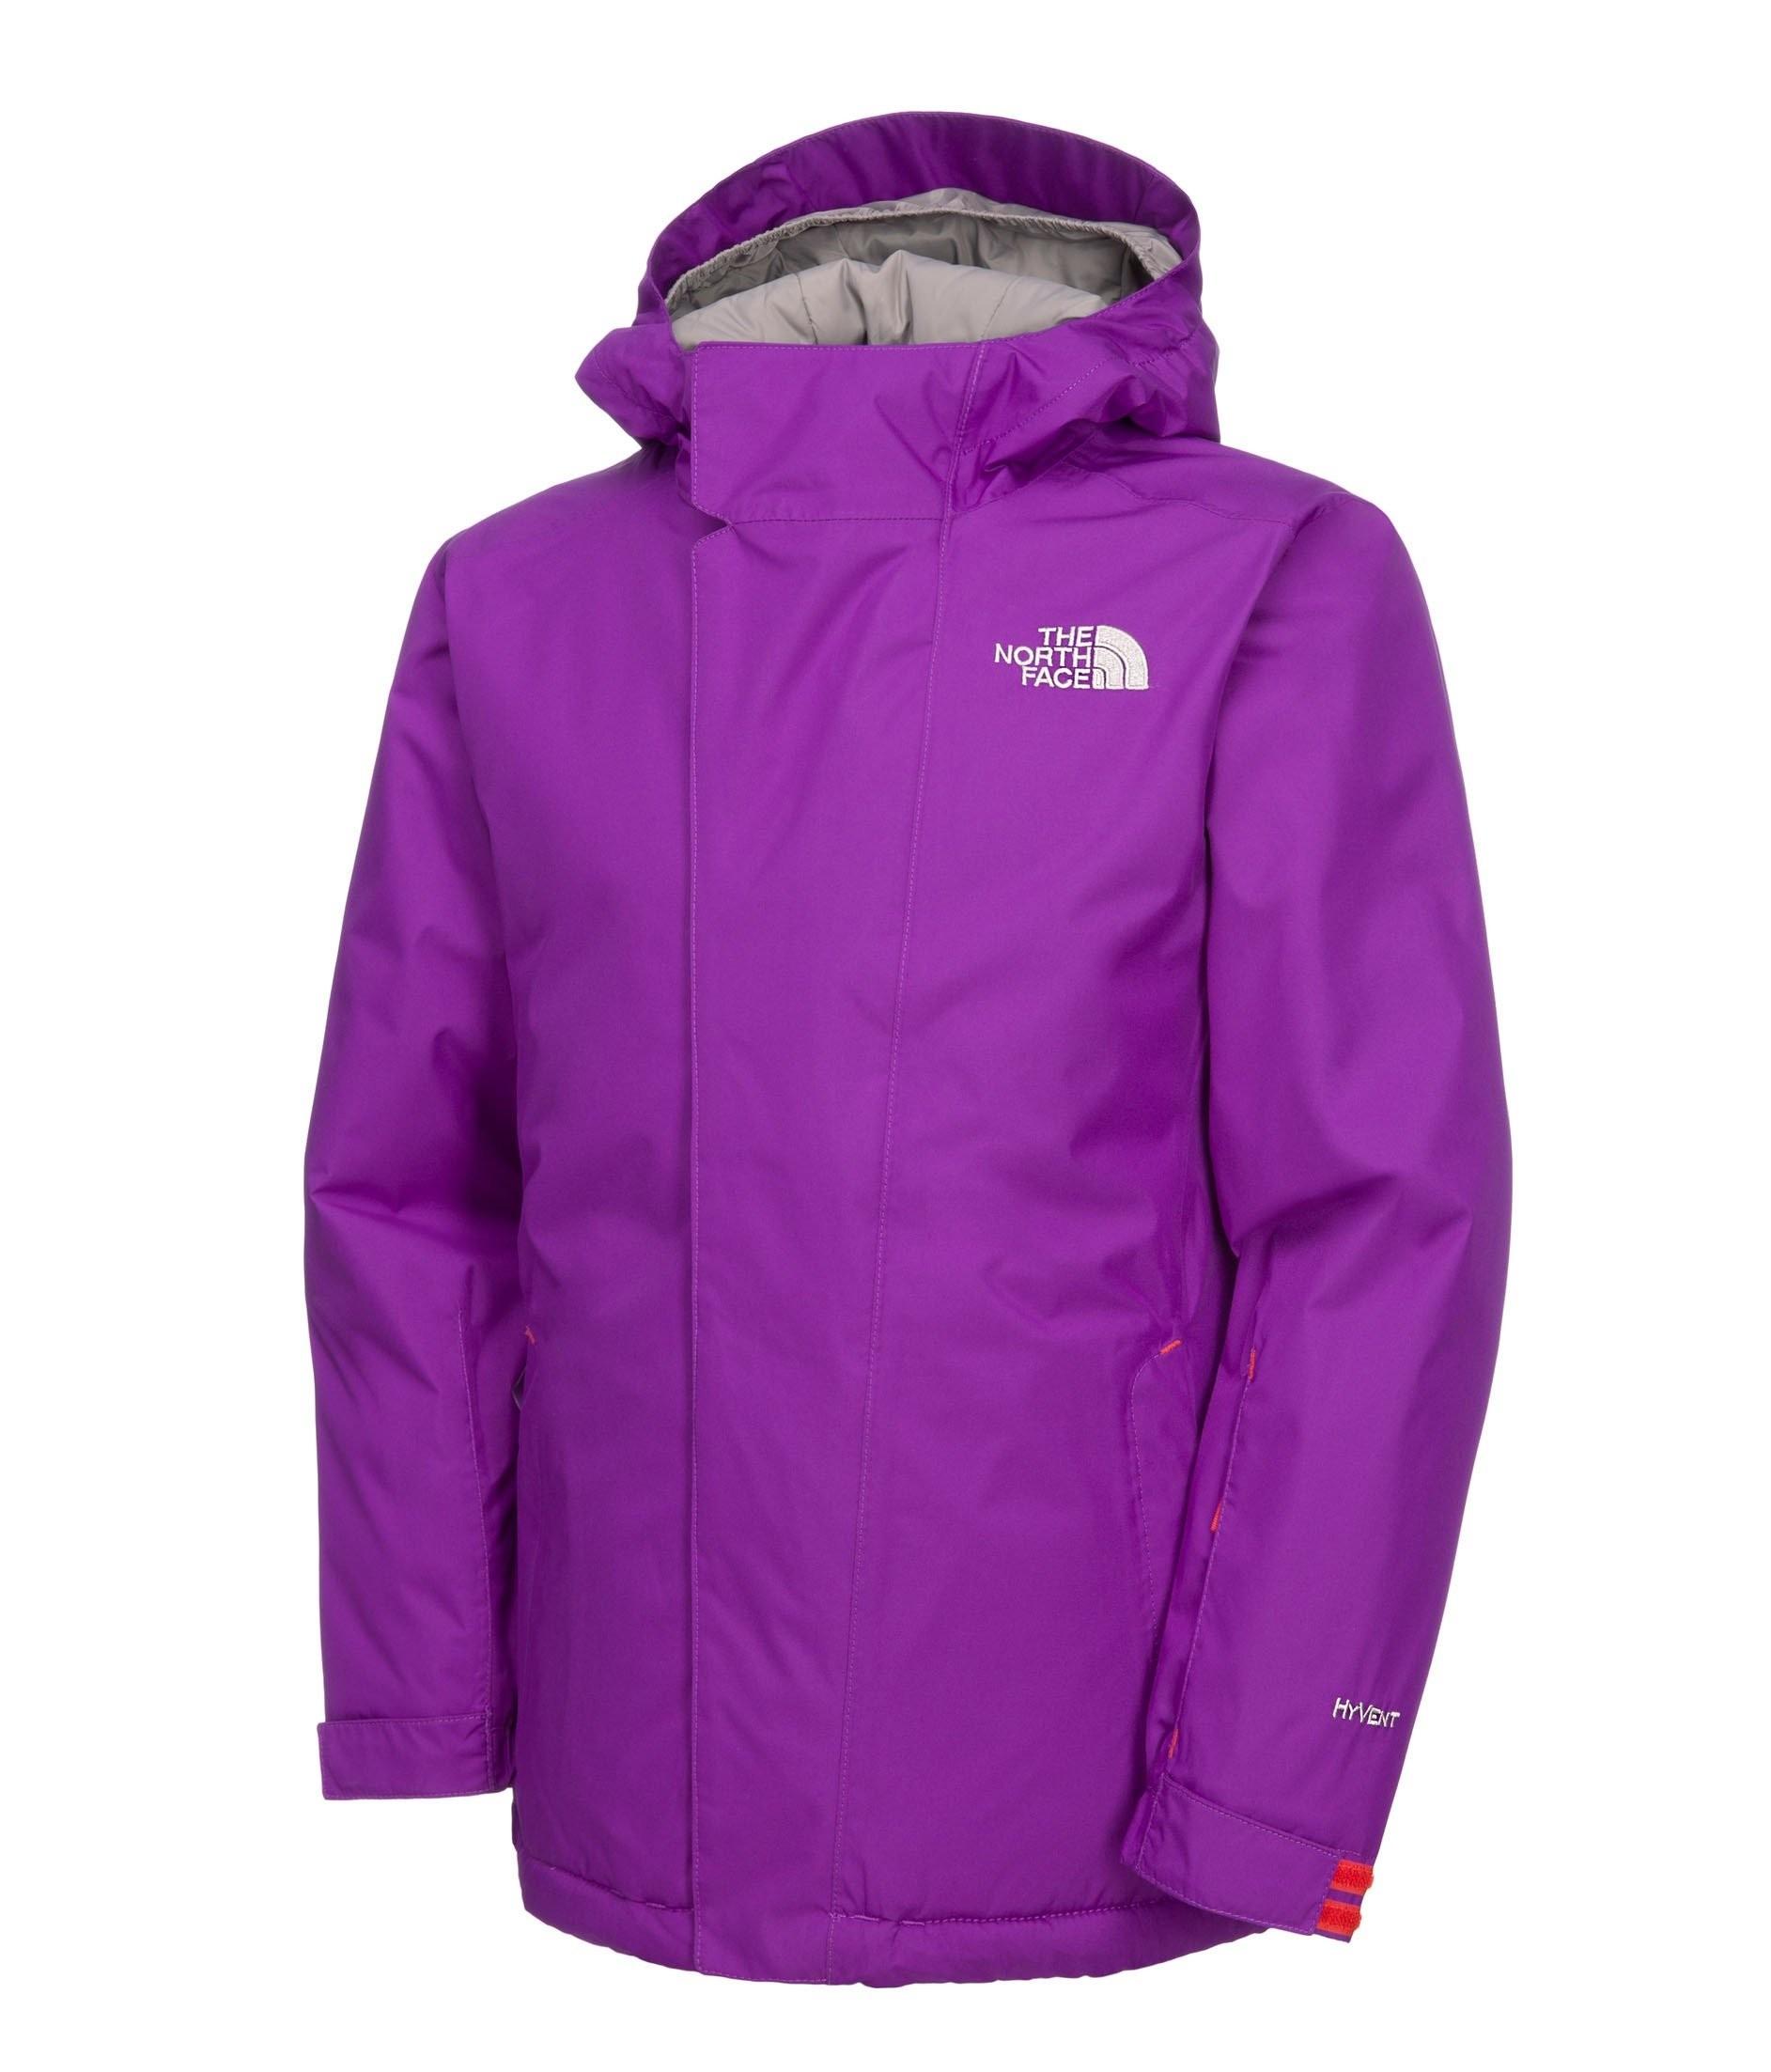 The North Face Insulated Vinter- og Skijakke Børn